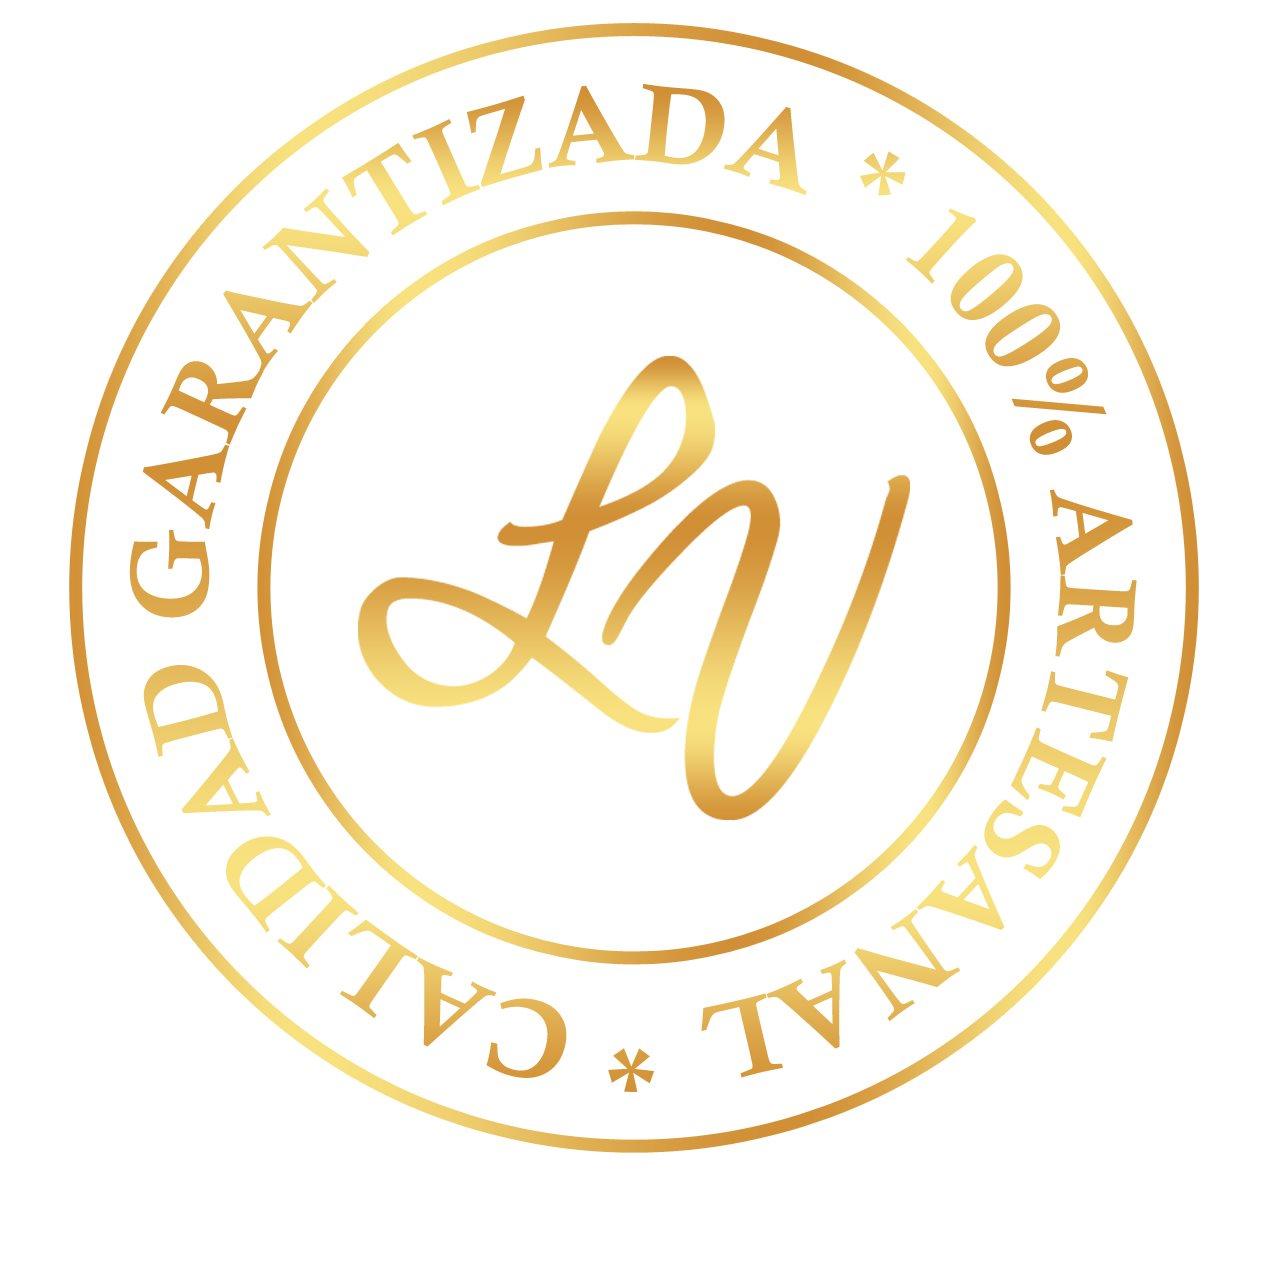 LVA, C.A / Empresa Fabricante de Charcutería. Ubicada en Cabudare-Lara